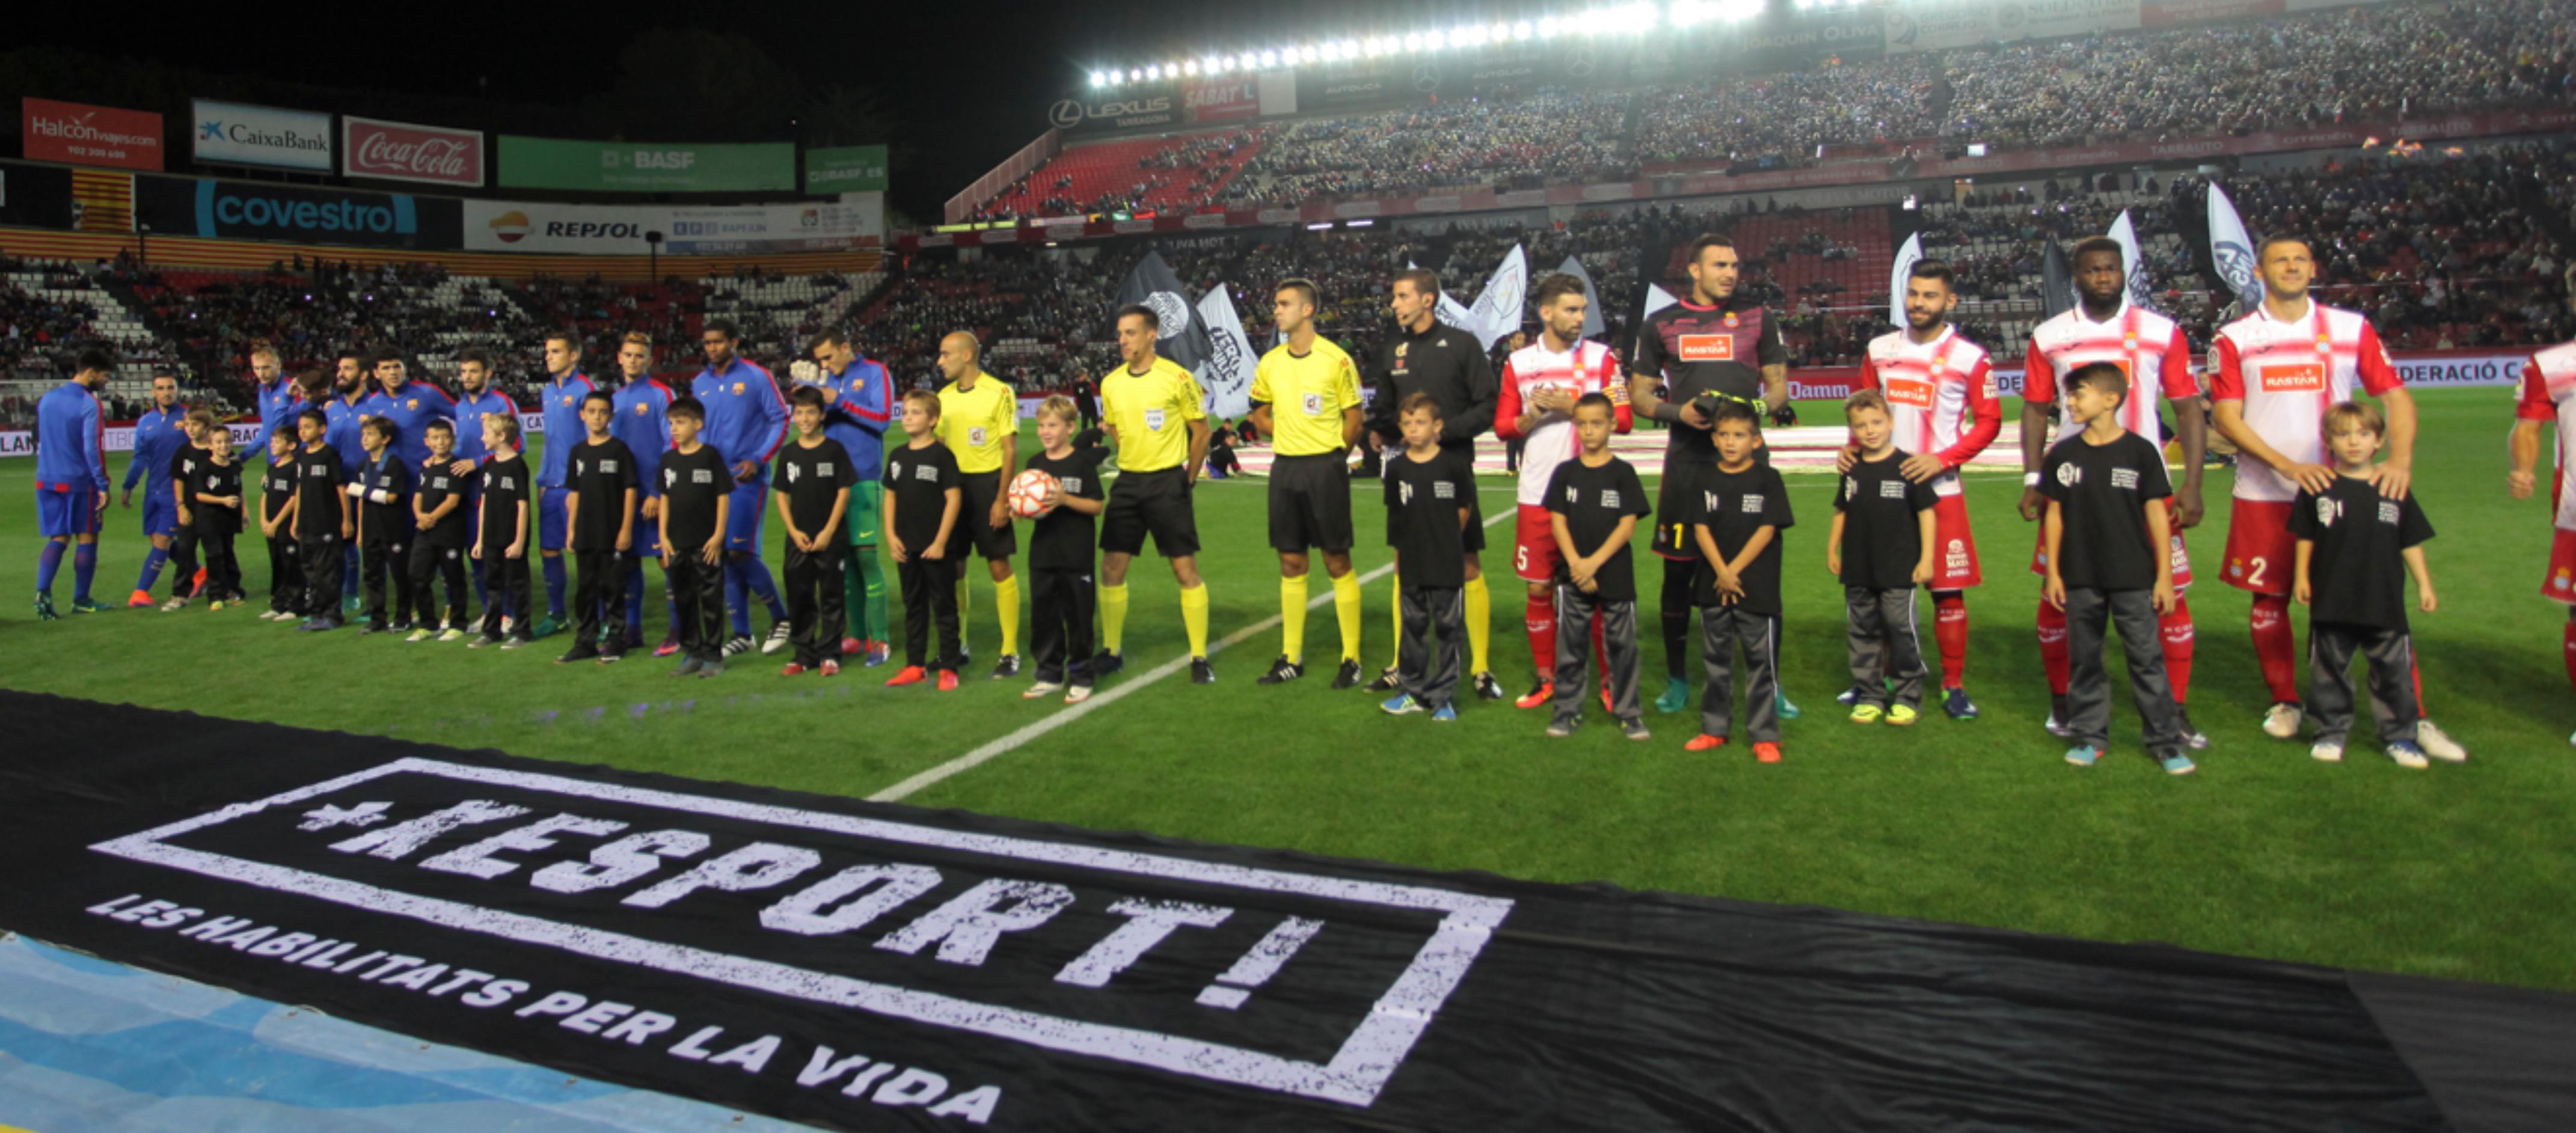 La campanya 'Gràcies pel vostre suport', present en la III Supercopa de Catalunya